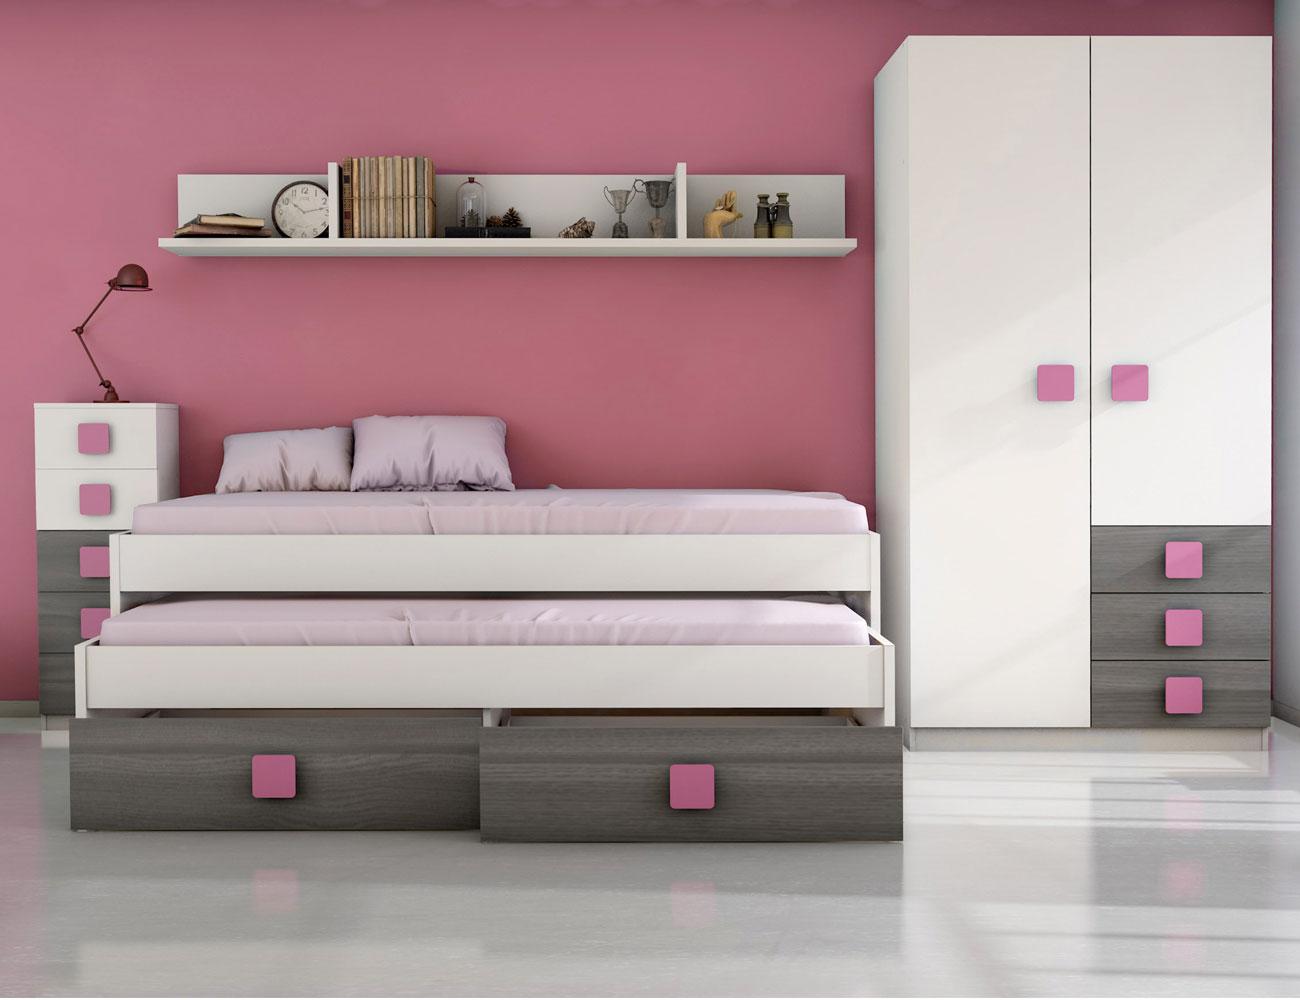 Dormitorio juvenil ceniza rosa2